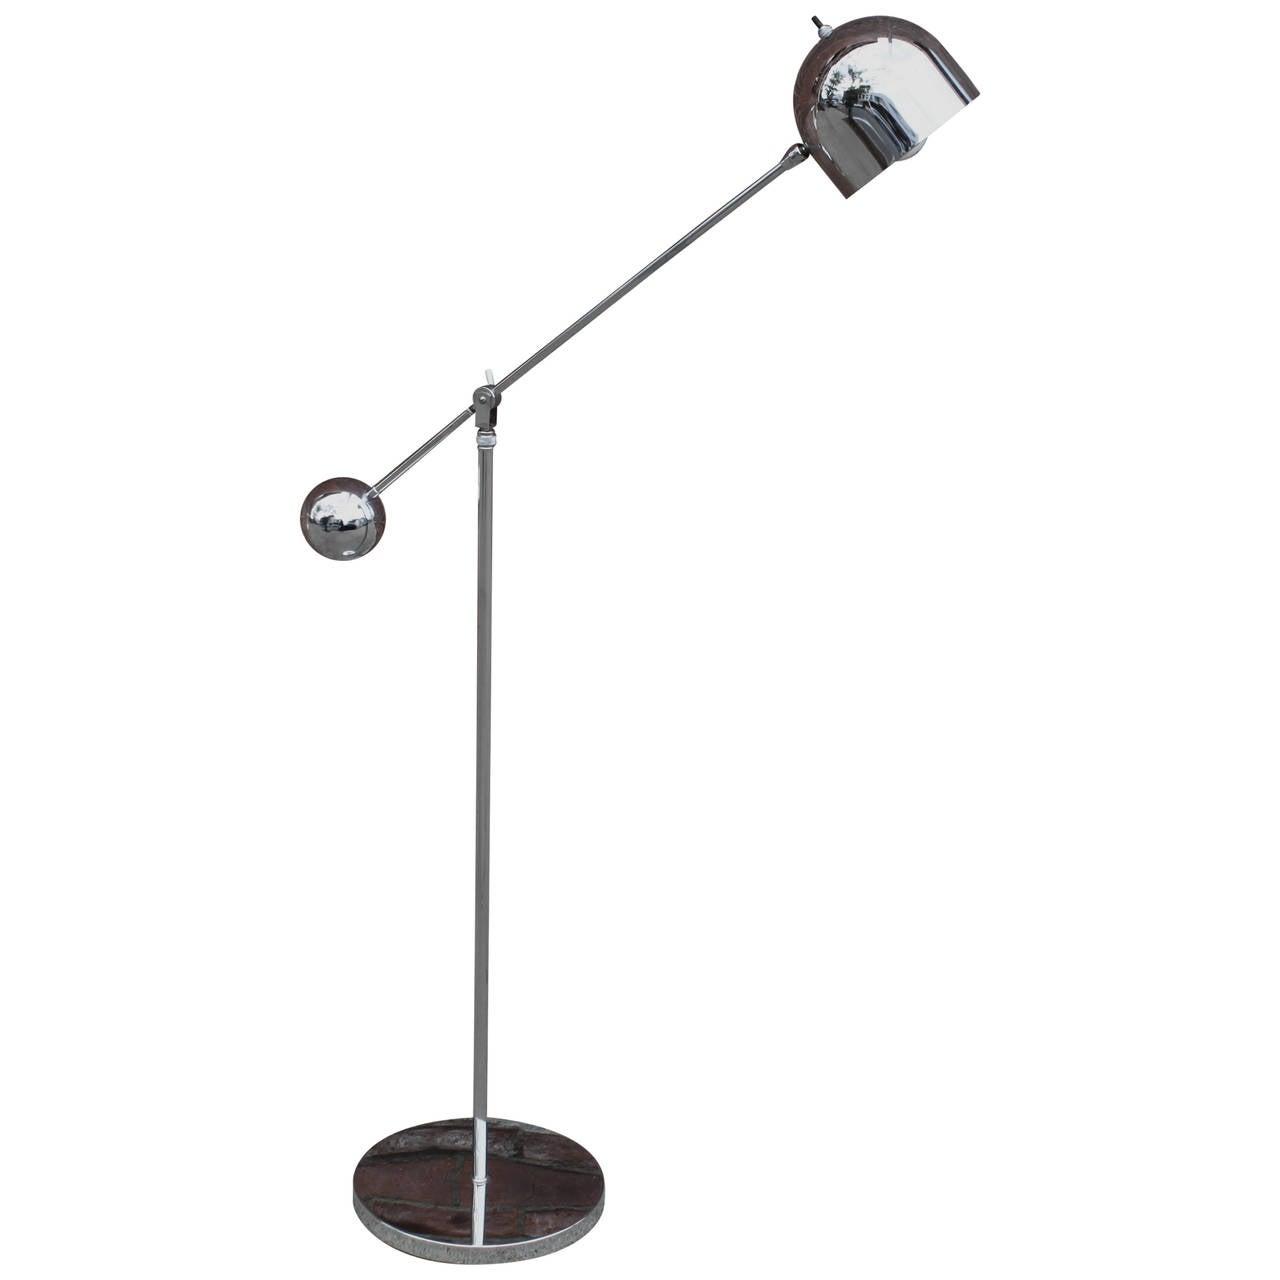 Chrome floor lamp modern at 1stdibs for Roosevelt 1 light floor lamp